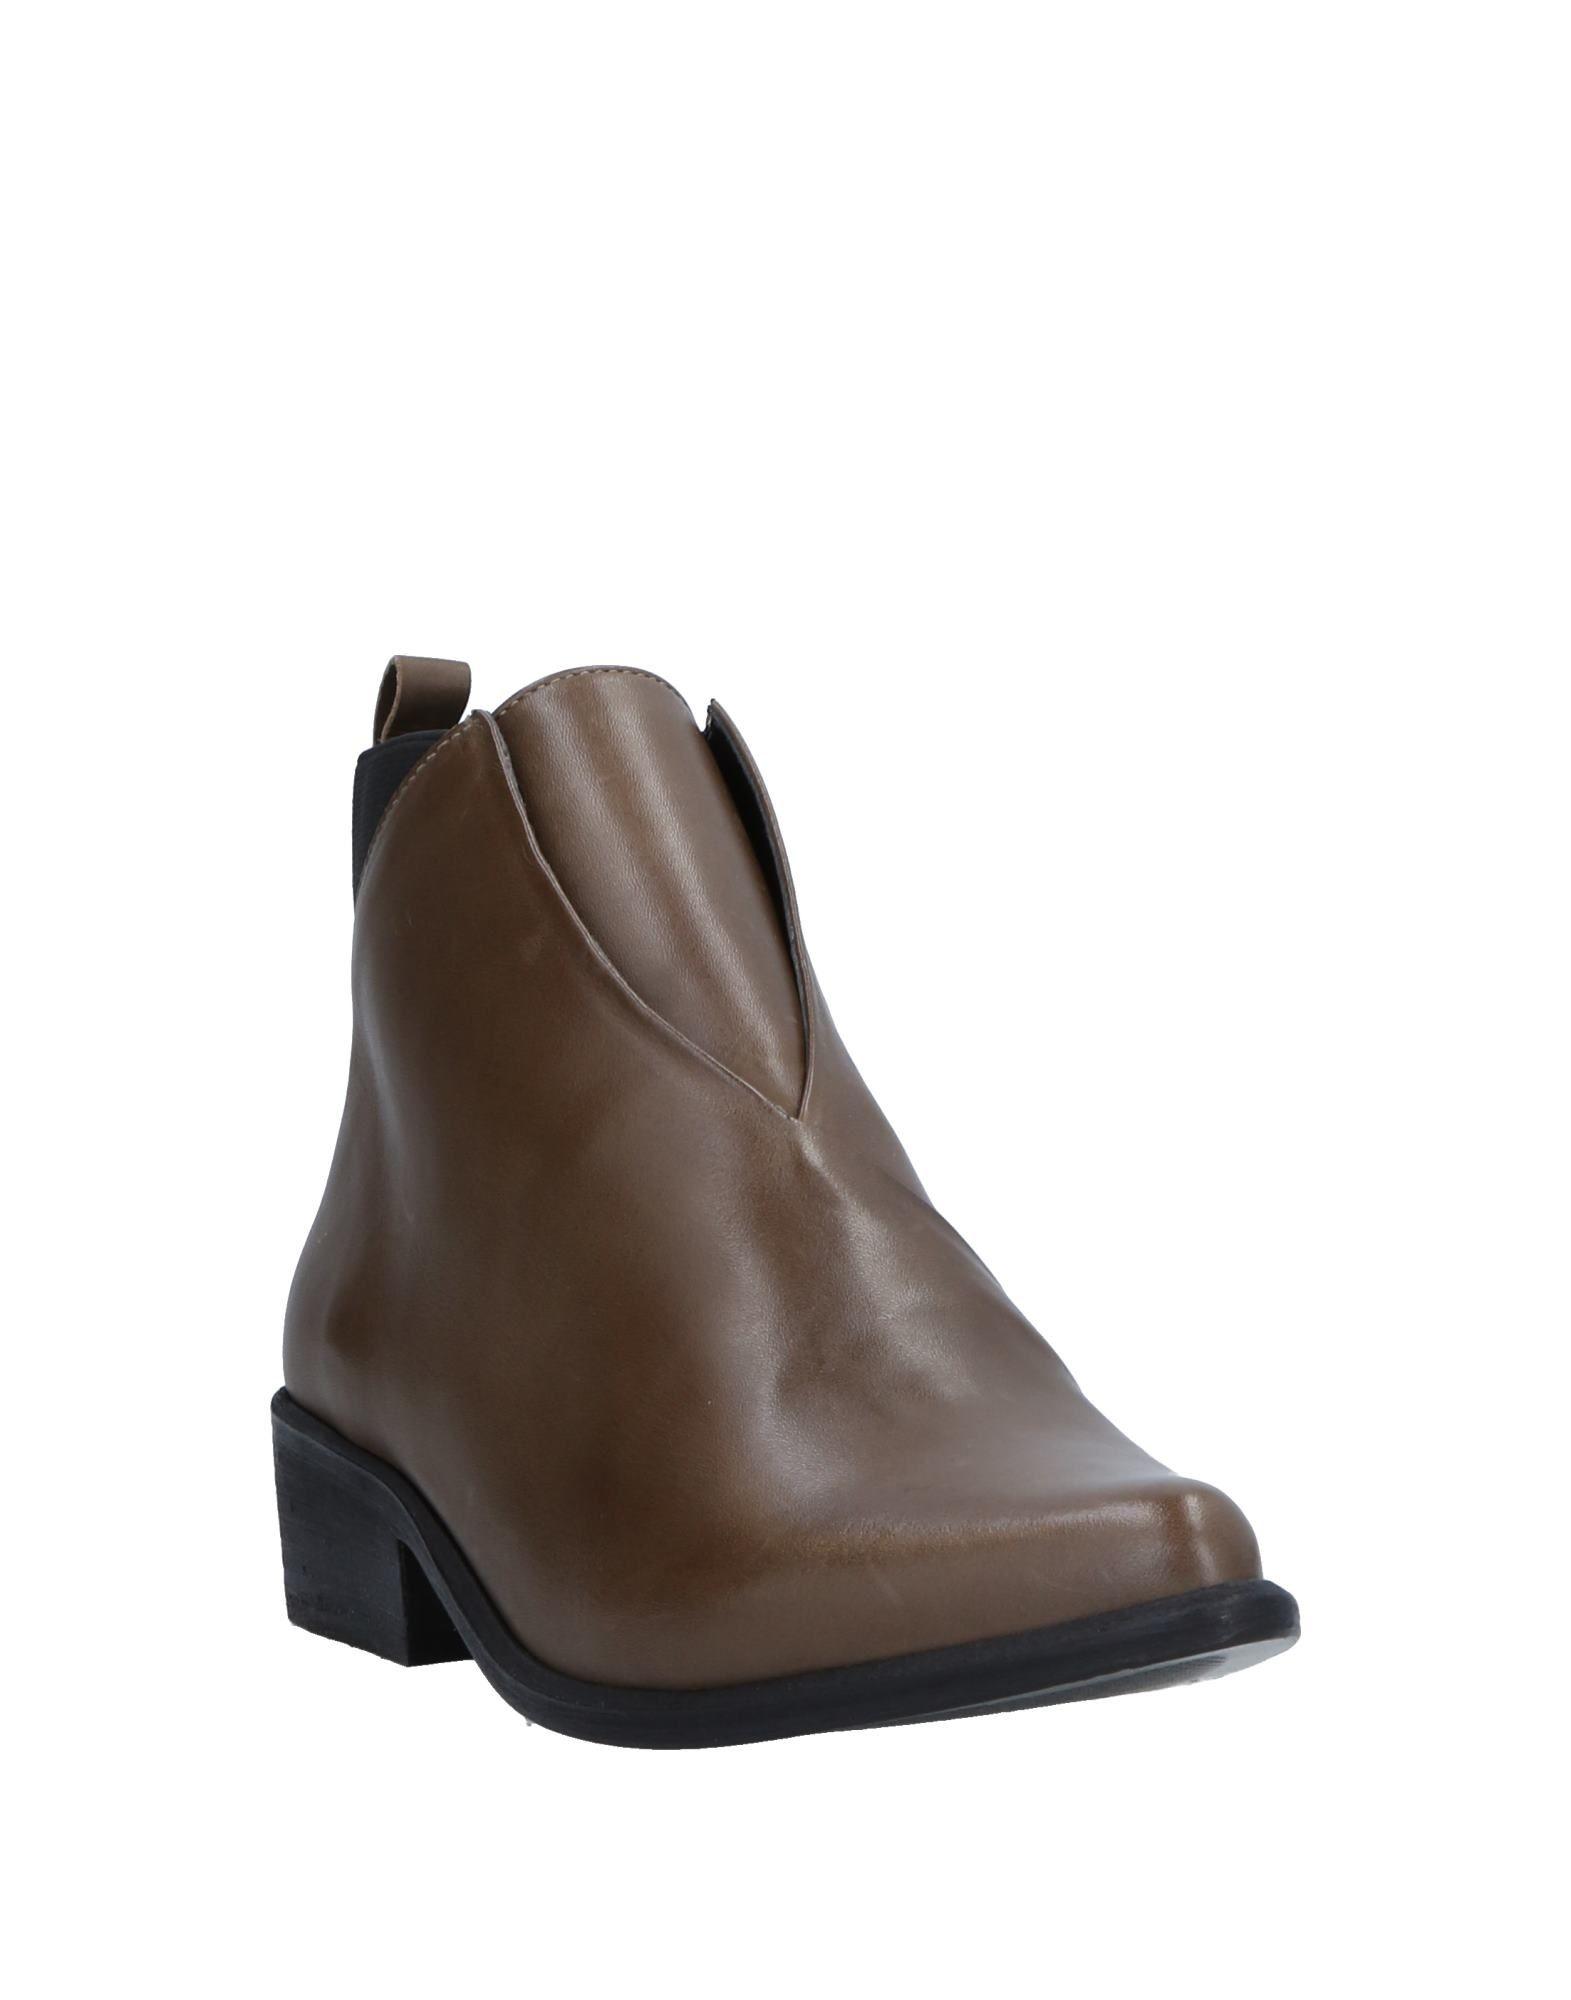 Panella Stiefelette Qualität Damen  11526761PH Gute Qualität Stiefelette beliebte Schuhe b40743